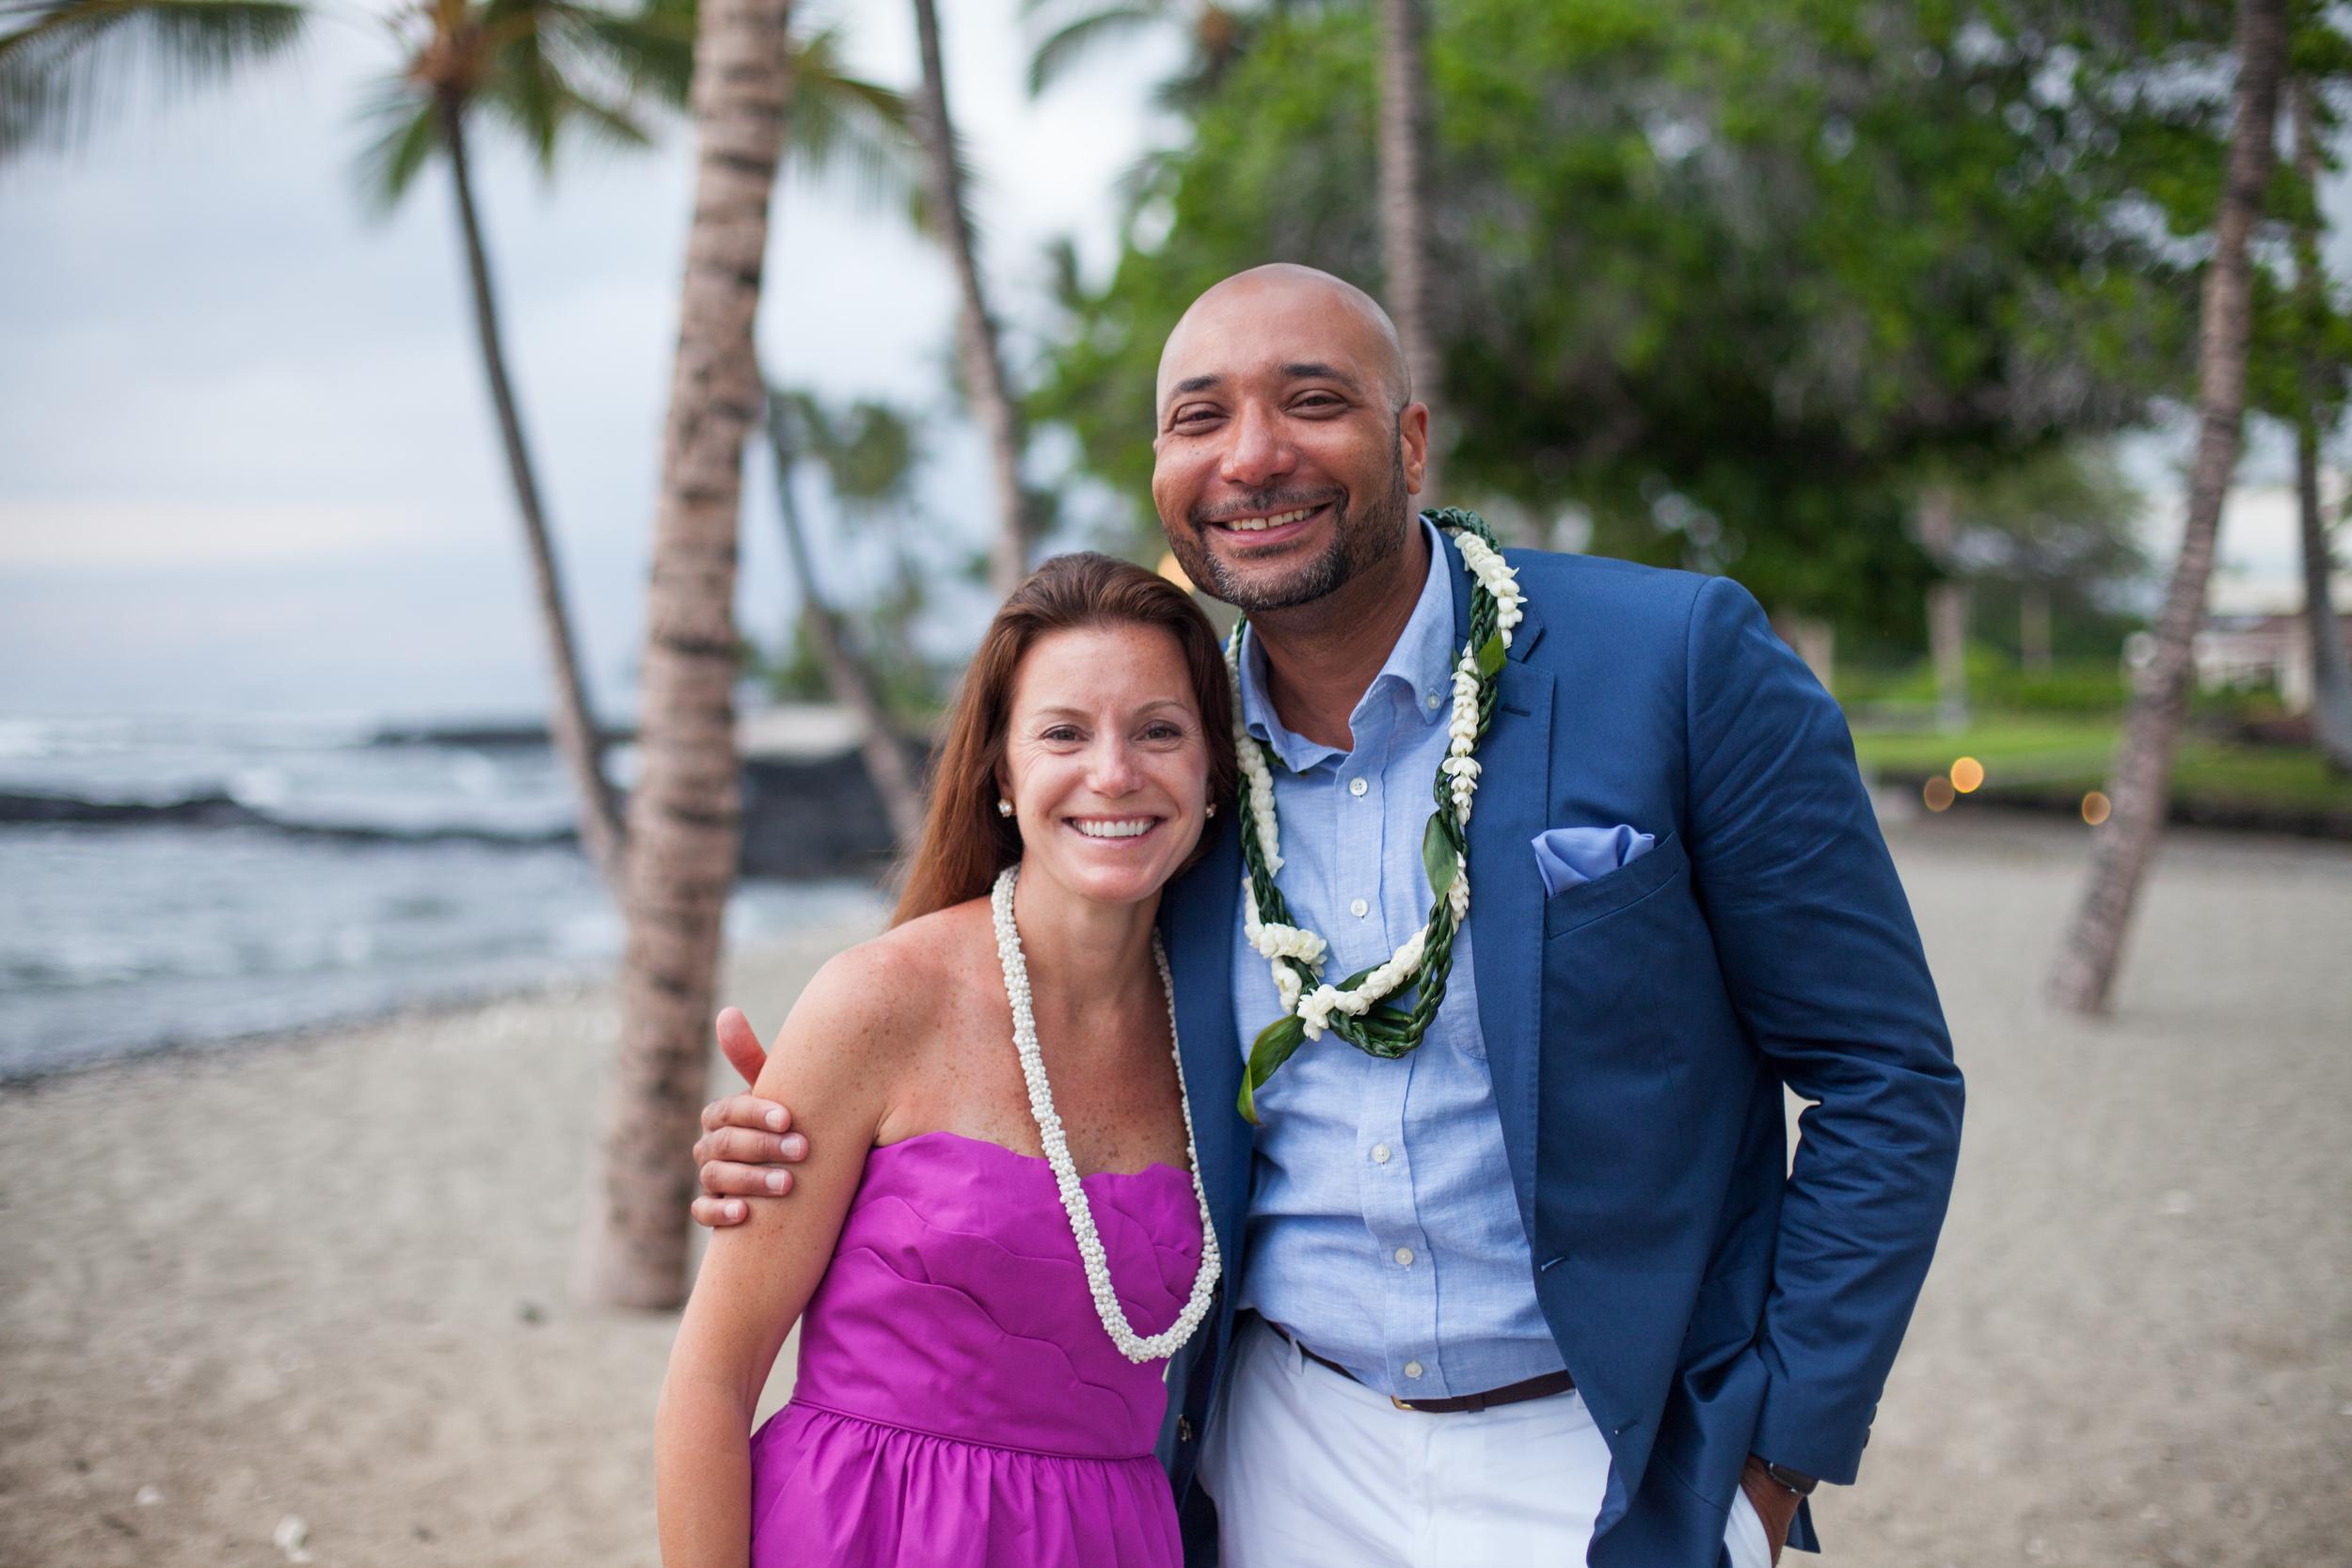 big island hawaii rmauna lani beach wedding © kelilina photography 20160601184402-3.jpg